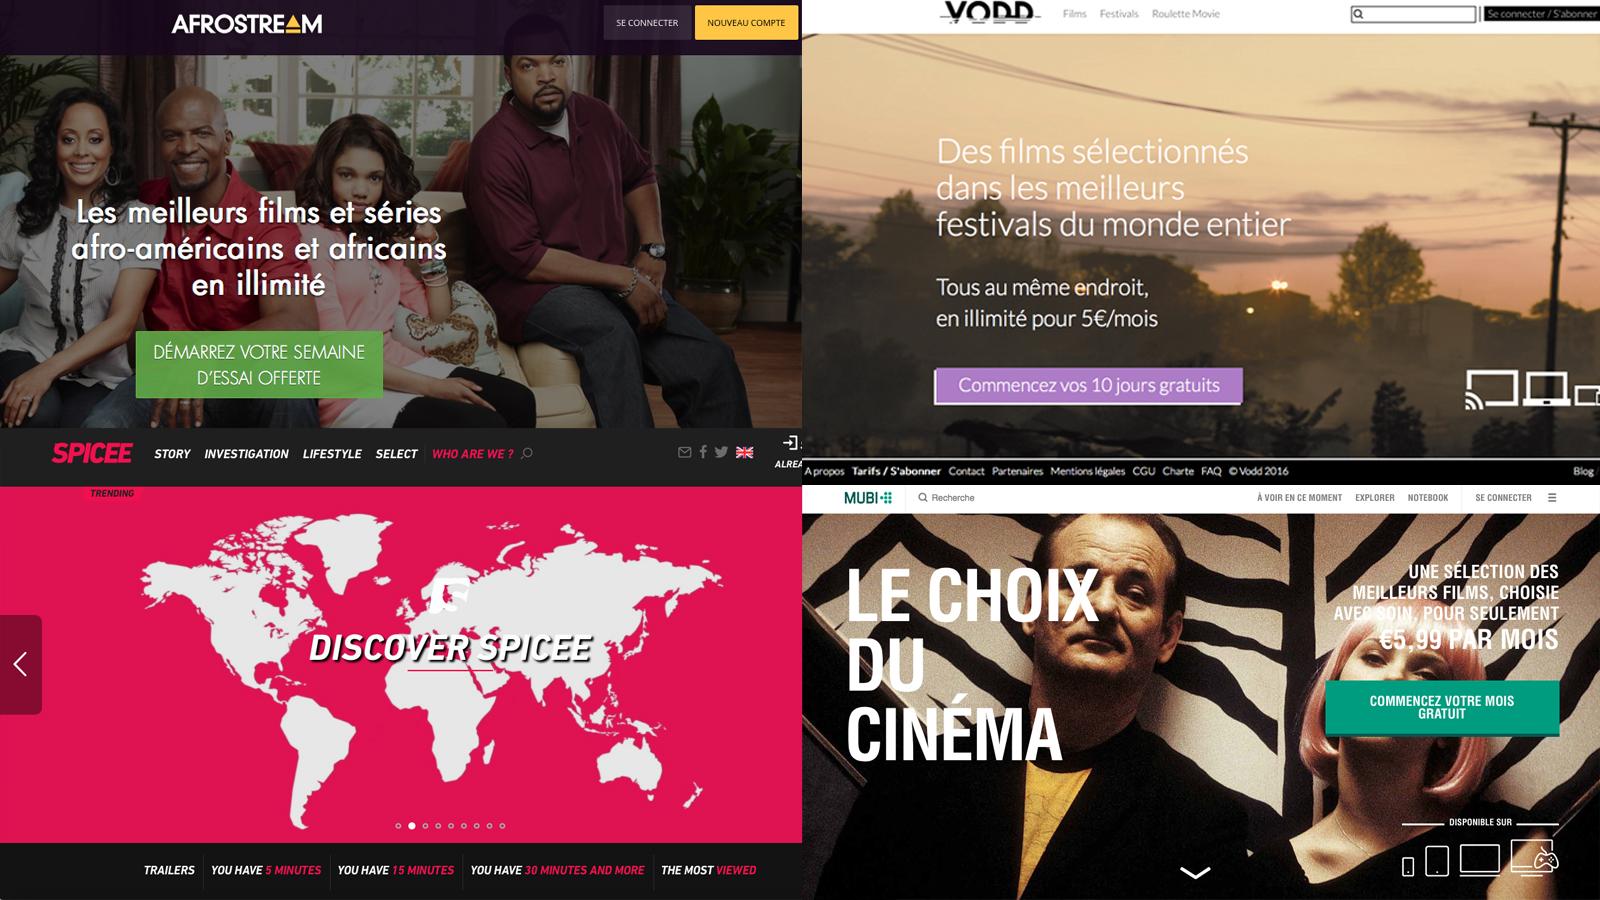 VOD SVOD niche streaming services OTT